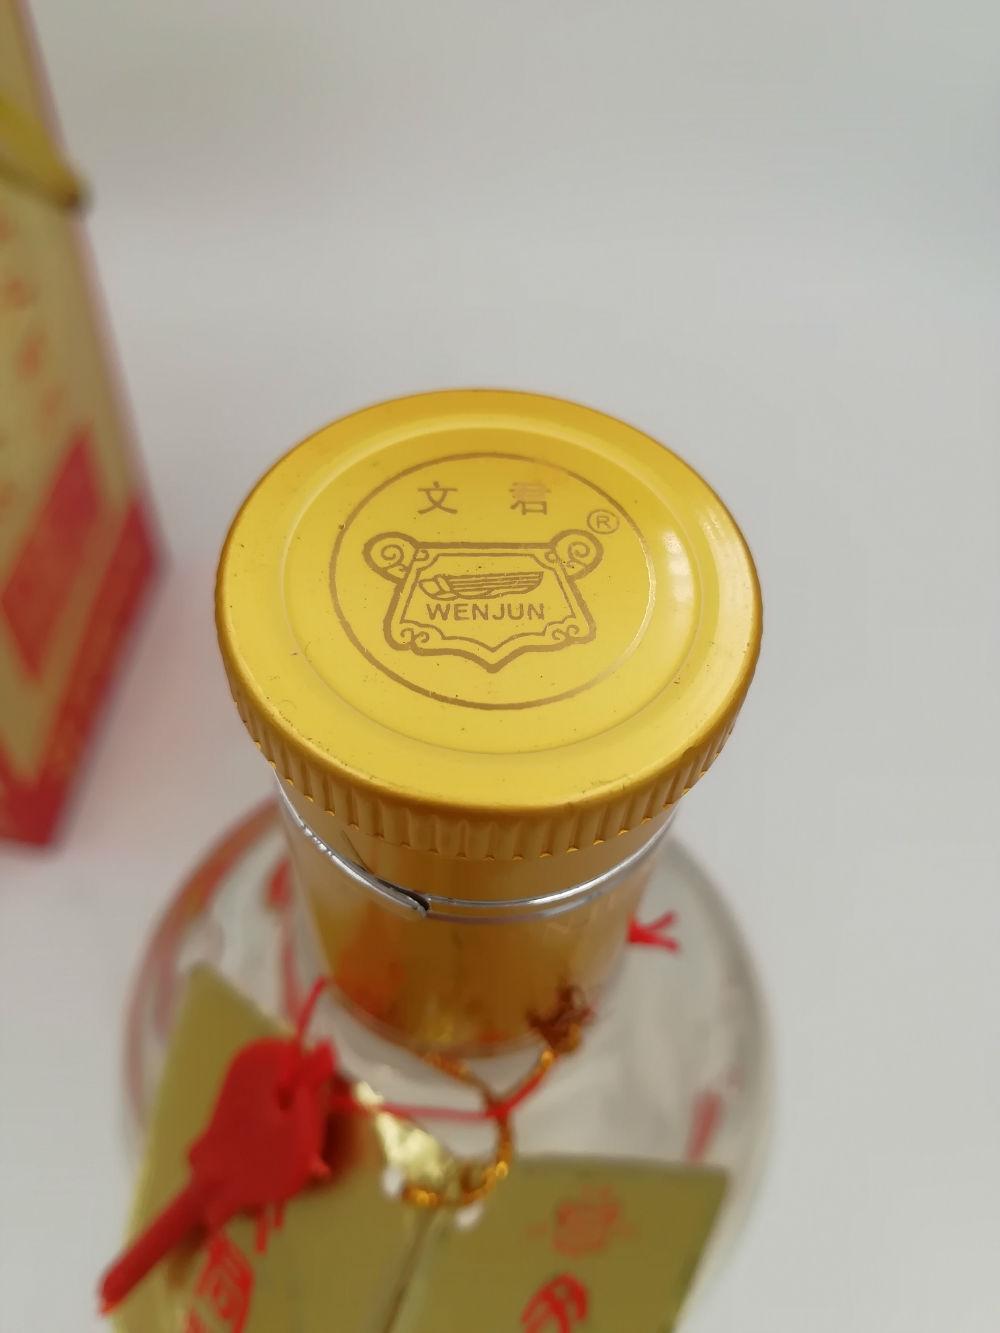 美女瓶---极品文君酒